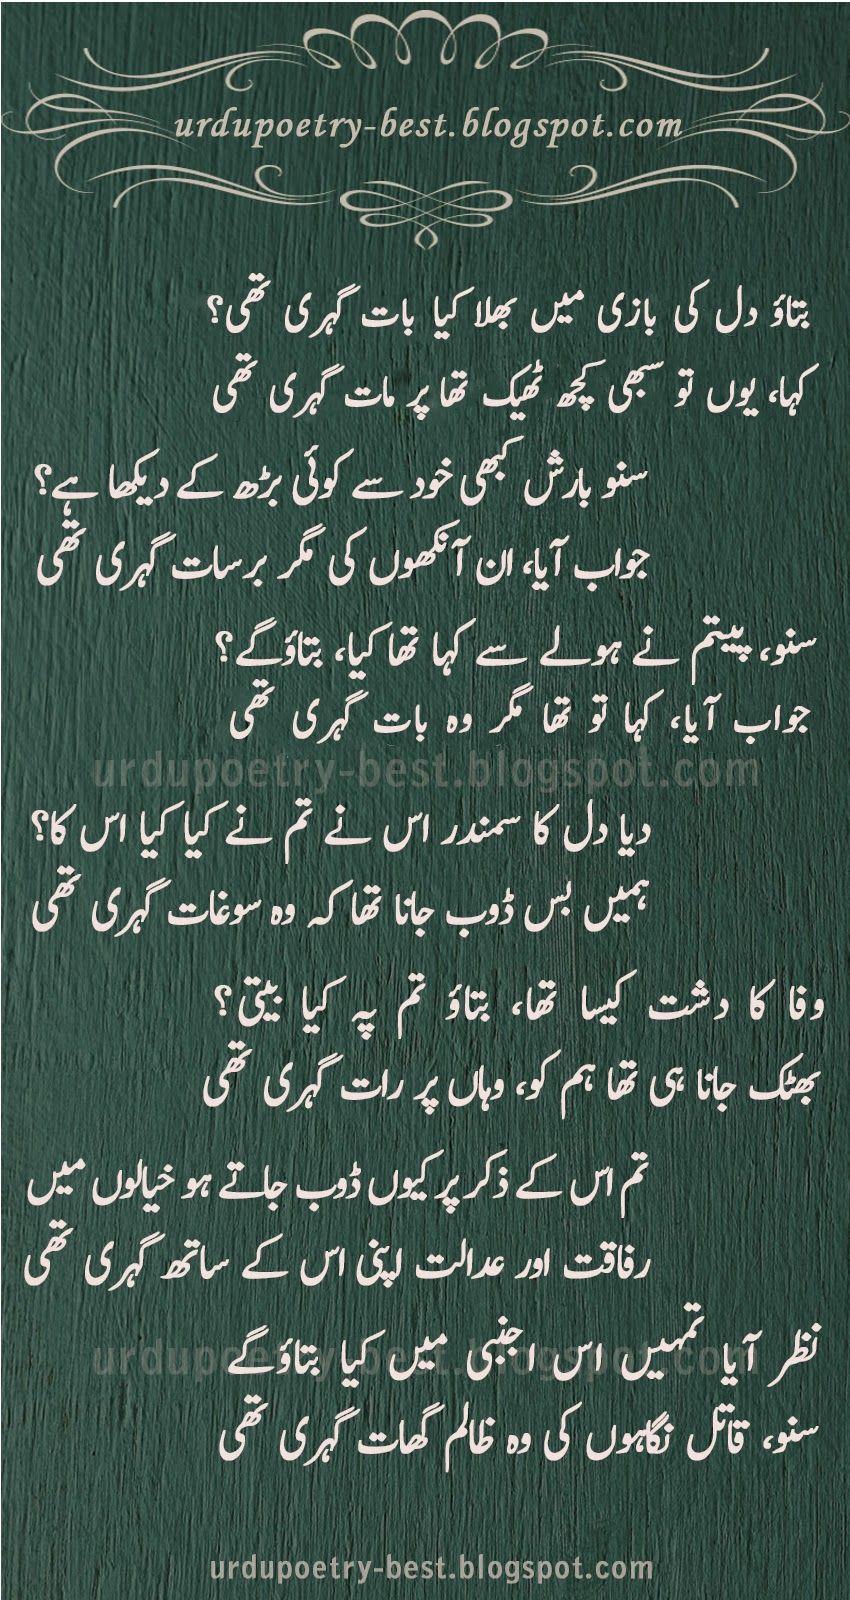 Best Urdu Poetry Collection | Urdu Poetry Collection ...